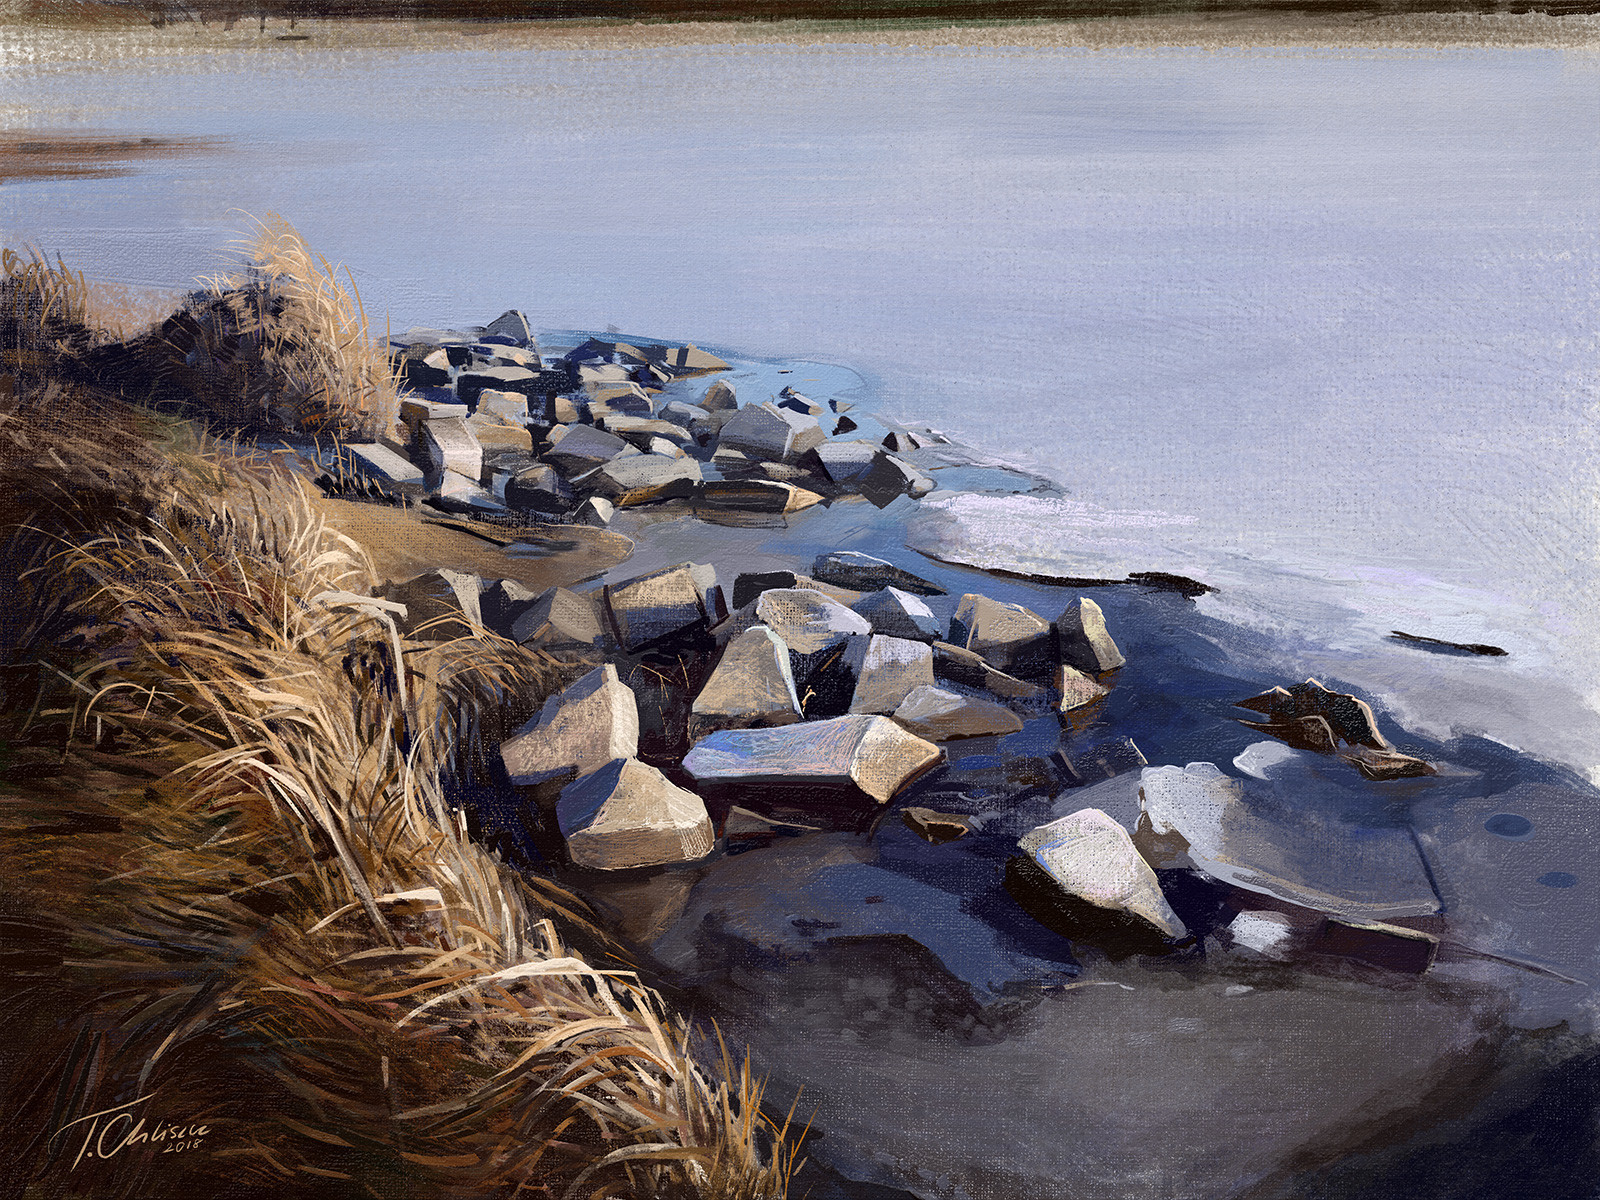 Tymoteusz chliszcz landscape83 by chliszcz